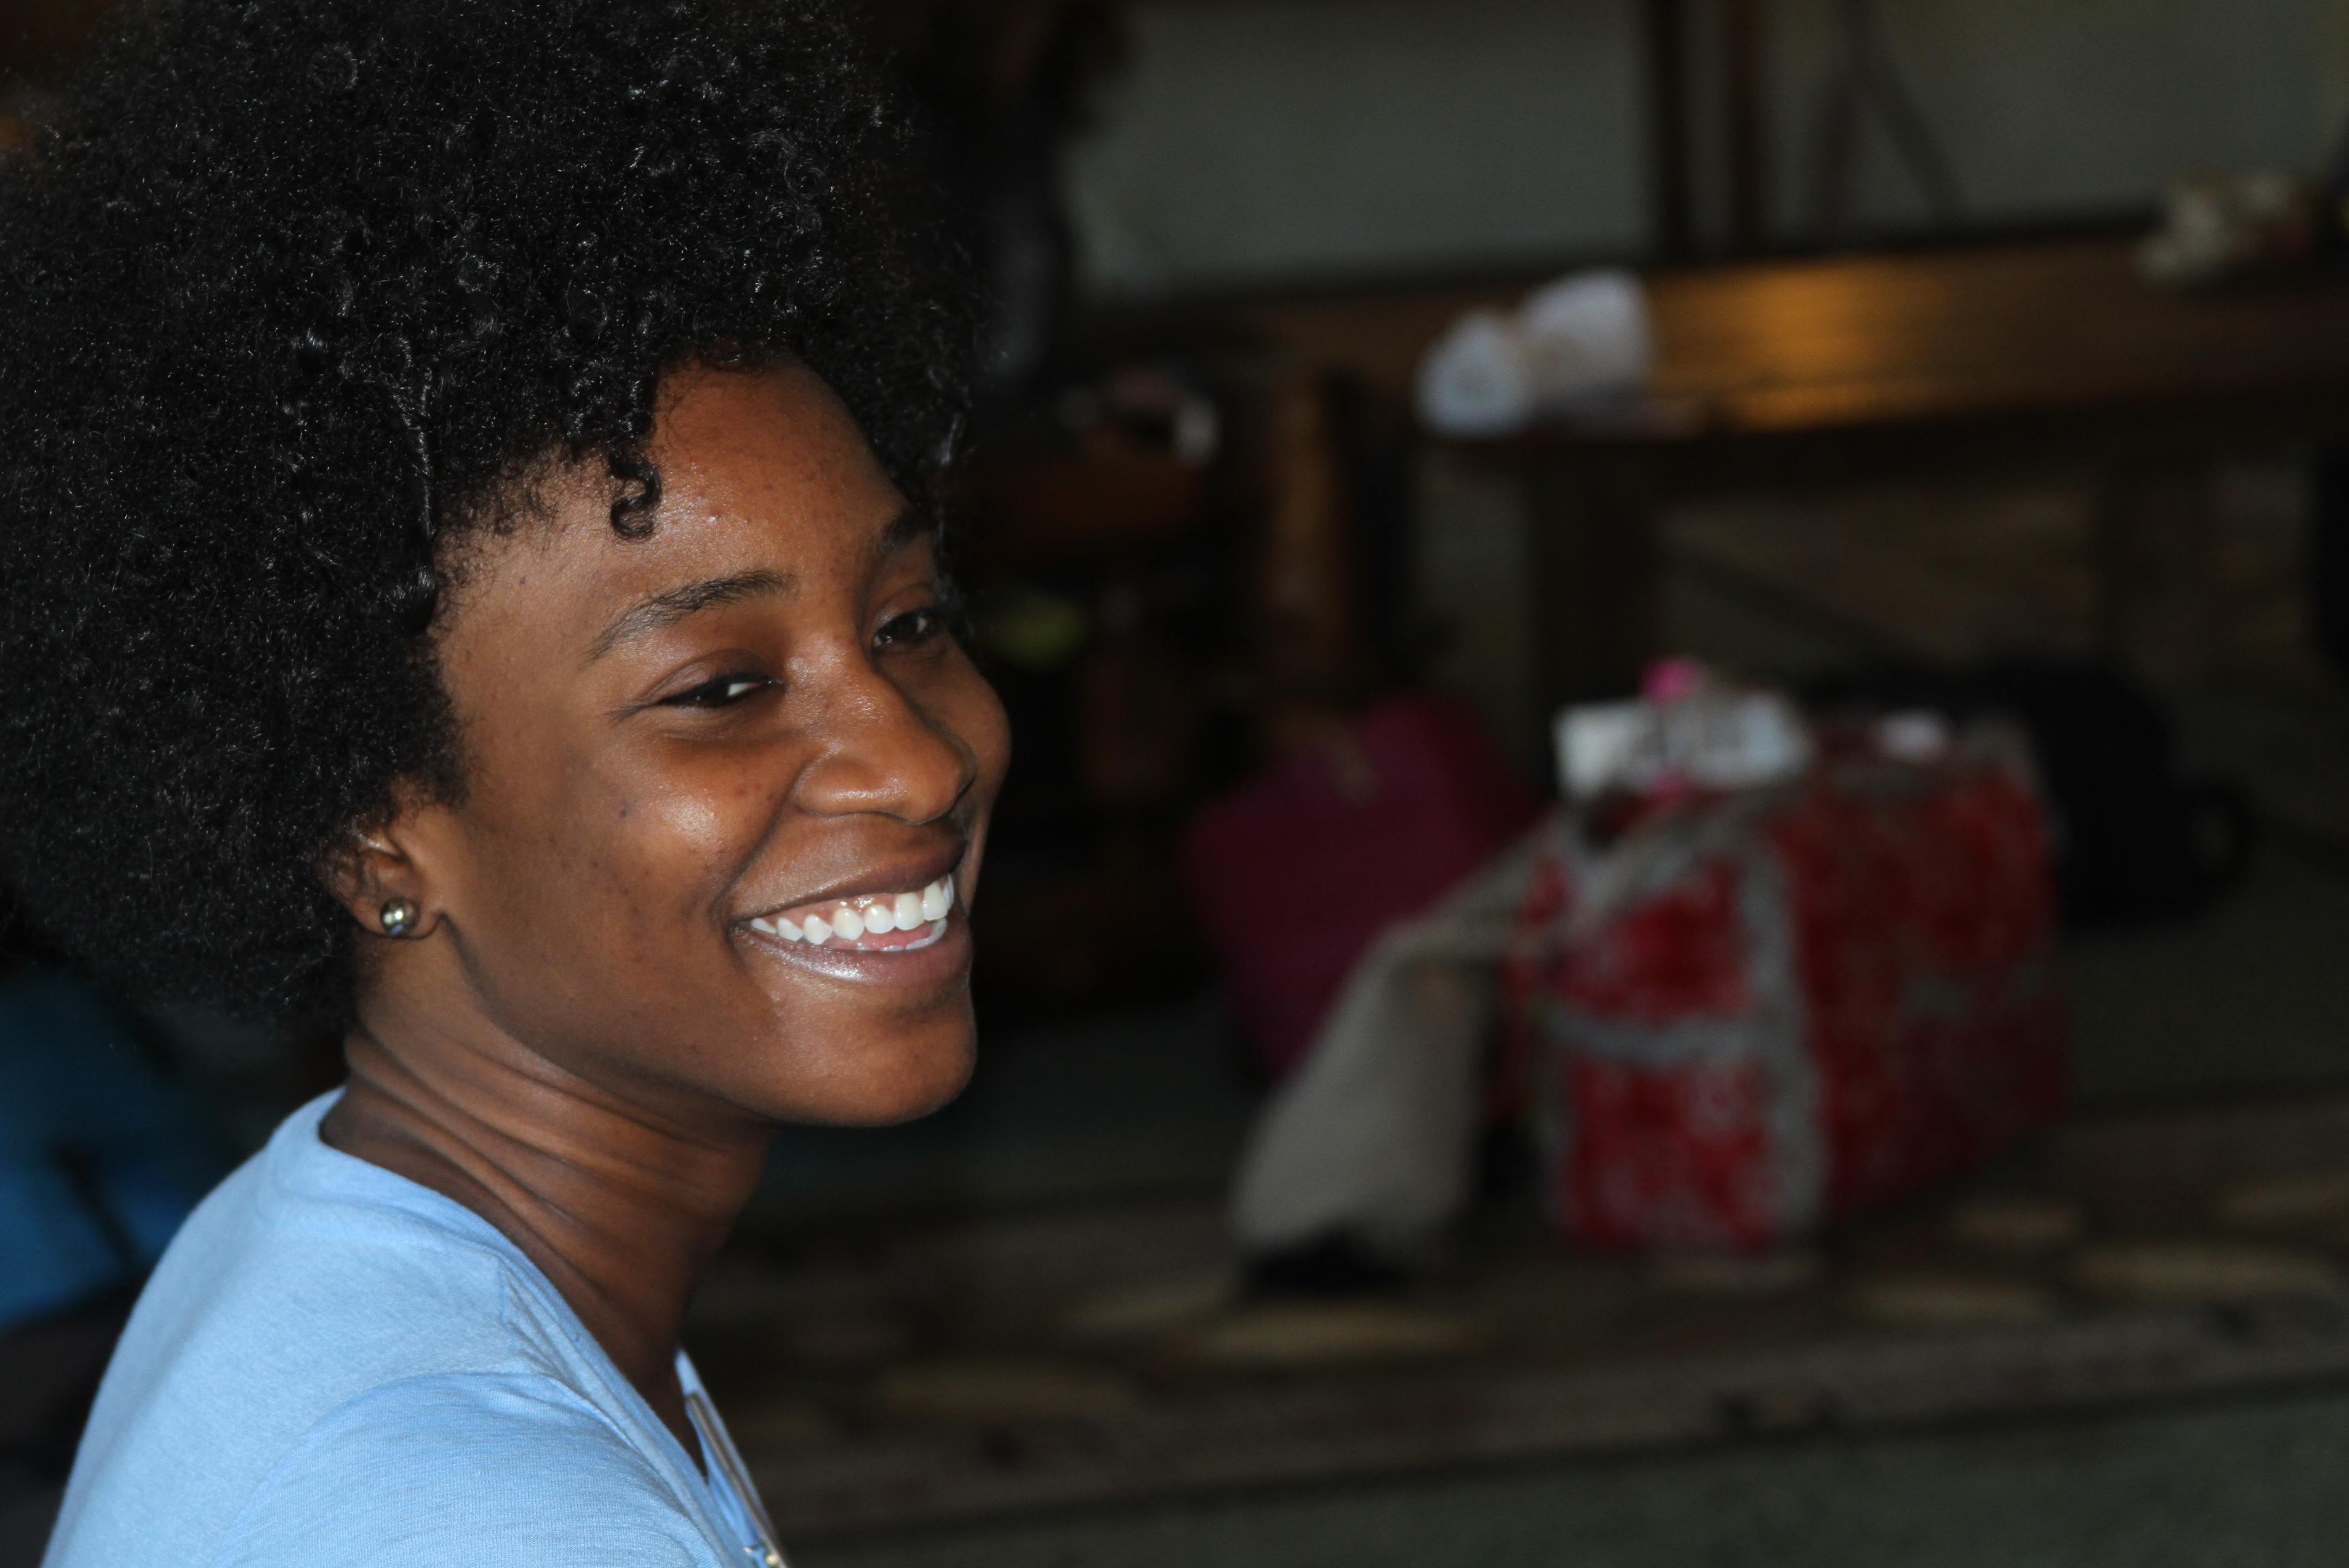 Black woman smiling at camera